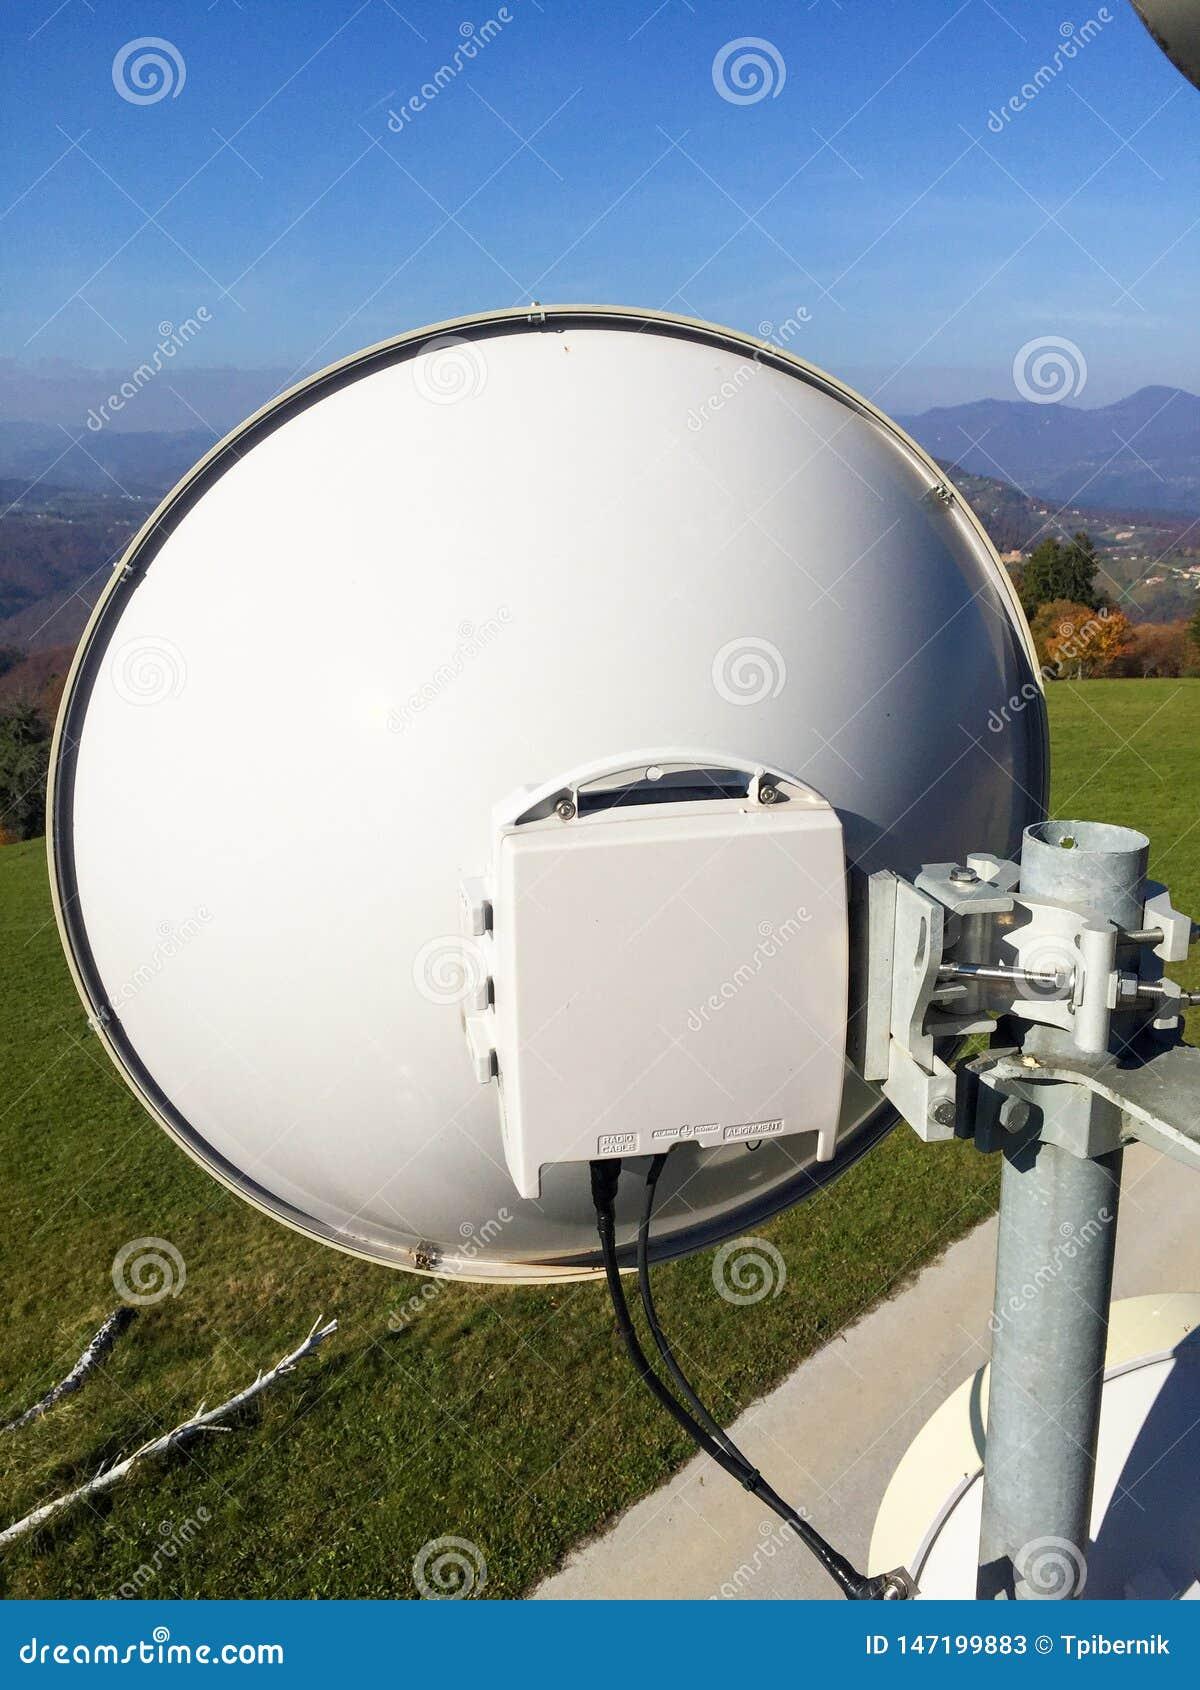 Тарелка антенны передачи связи микроволны на башне металла сети радиосвязи клетчатой